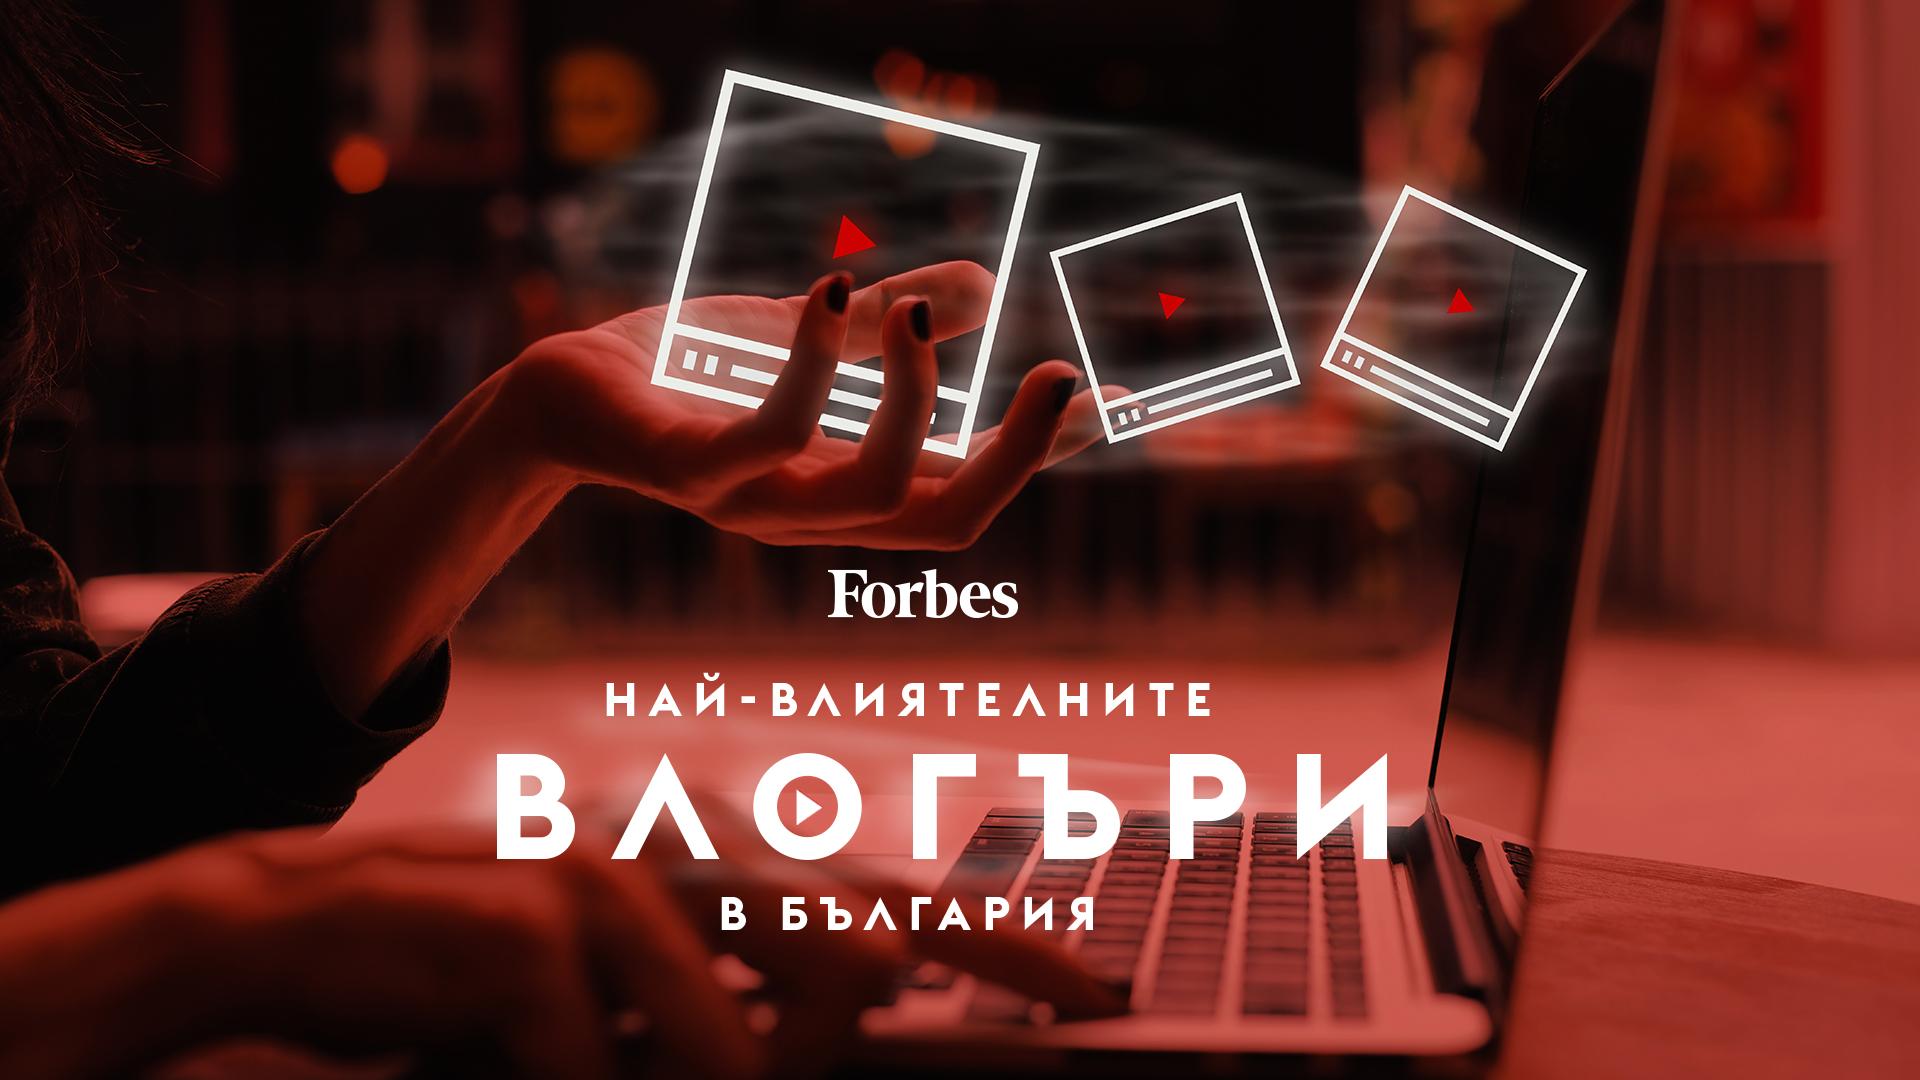 Най-влиятелните влогъри в България